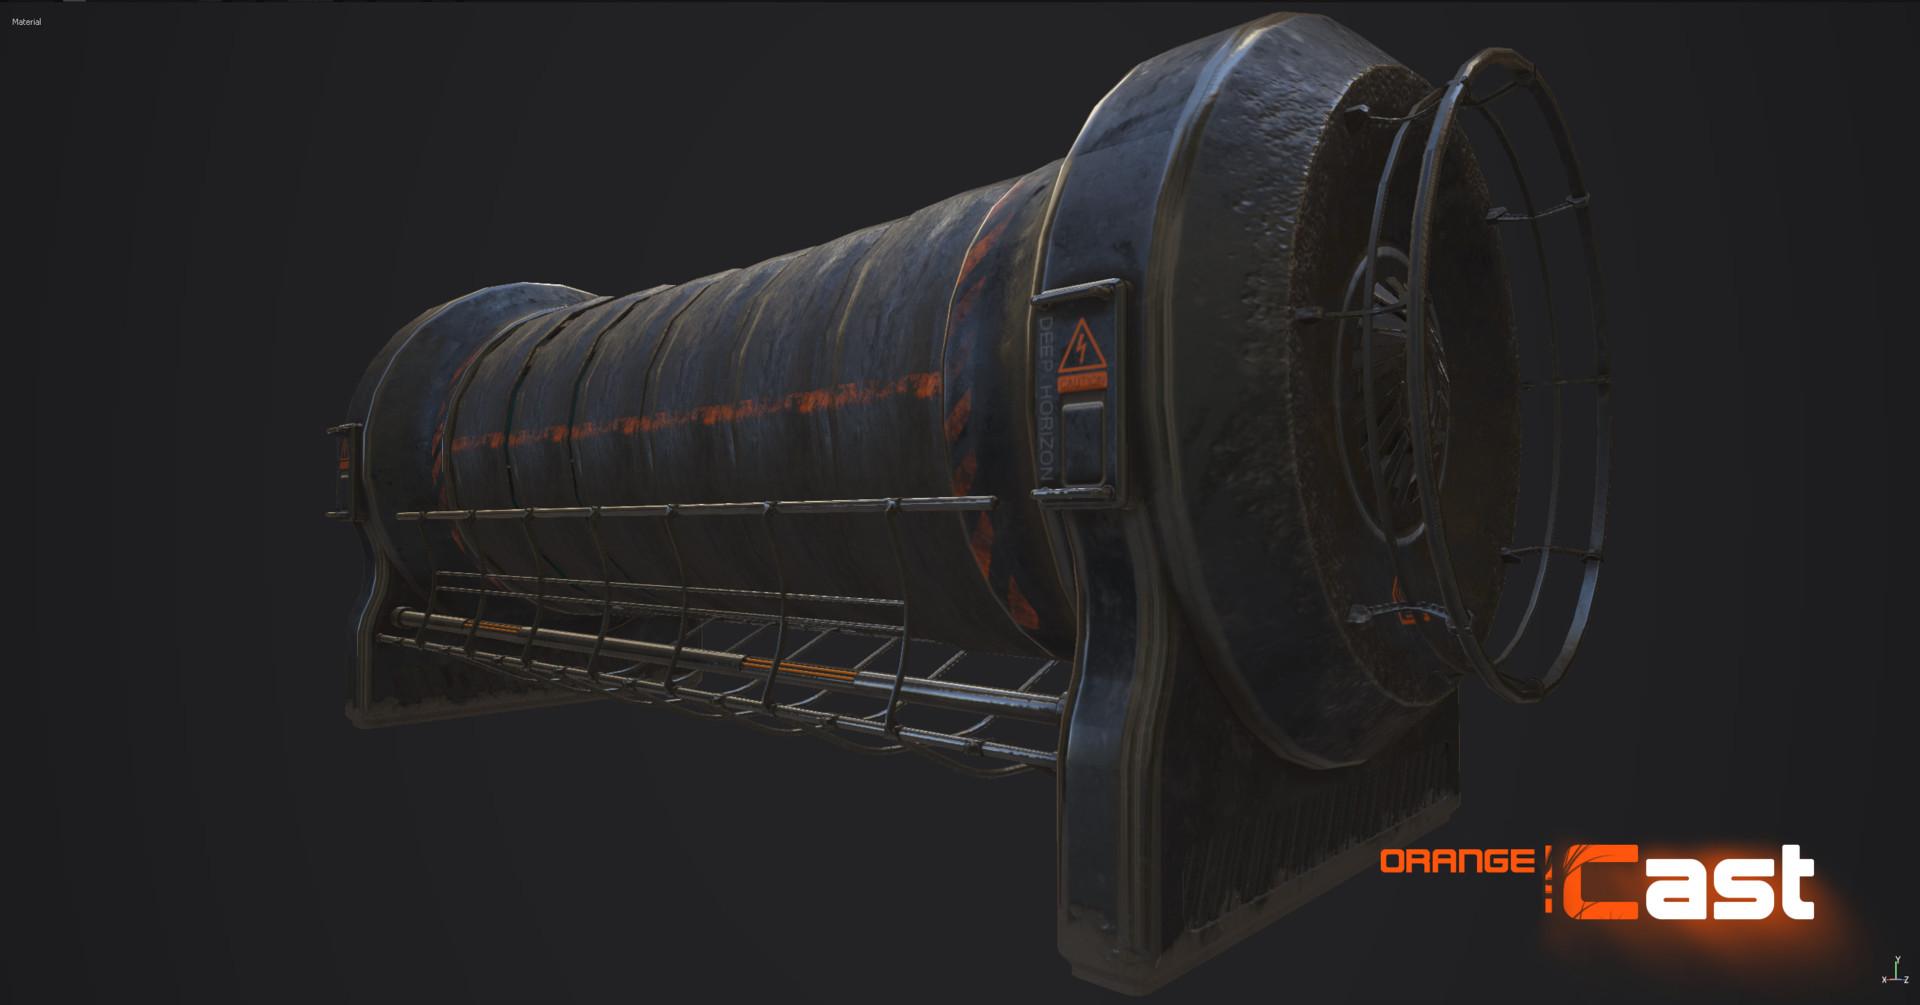 Плазменный генератор - Orange Cast Рендер